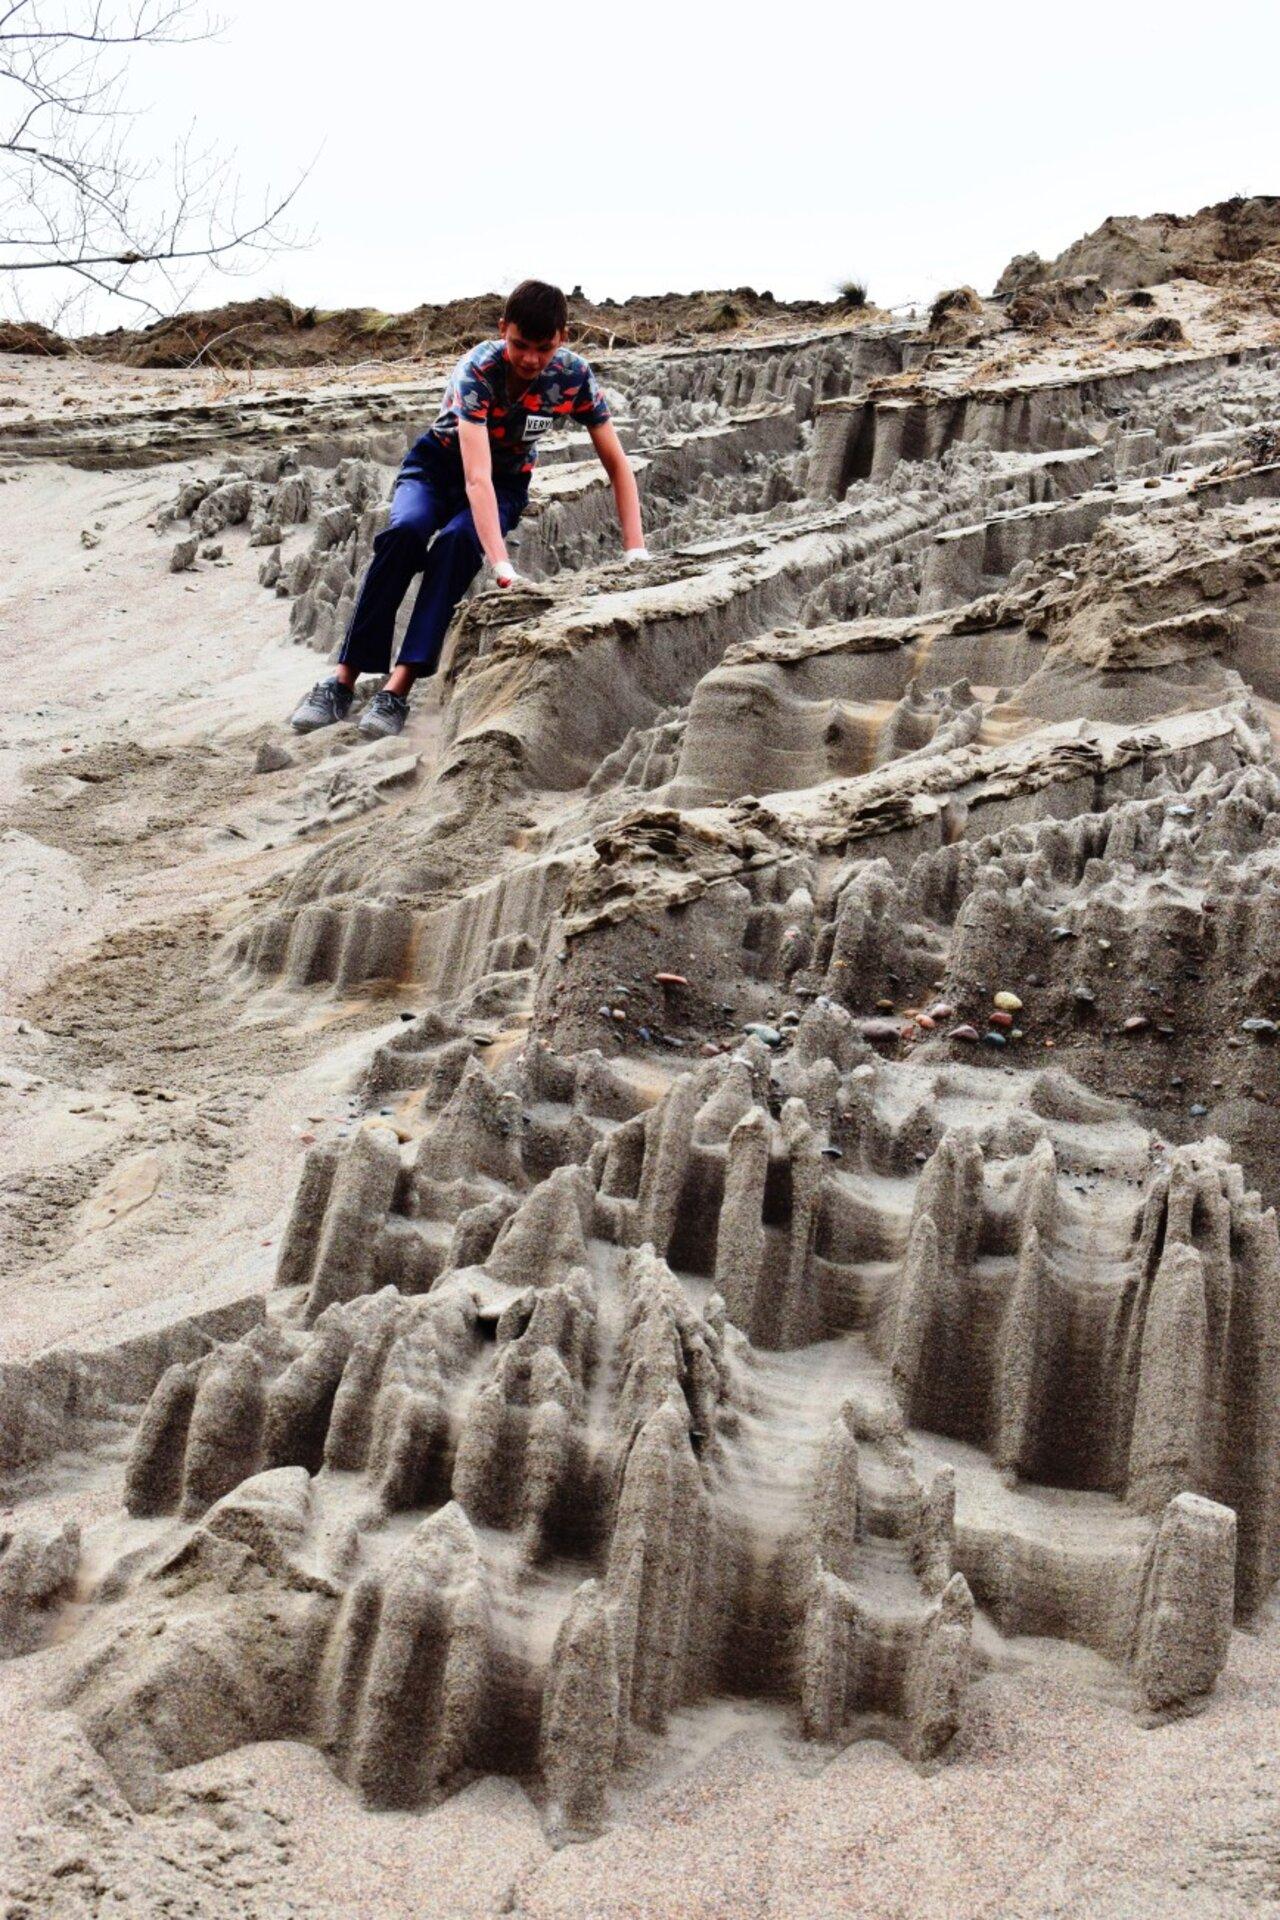 Автор: Багуля, Фотозал: Я - очевидец, Песчаный карьер